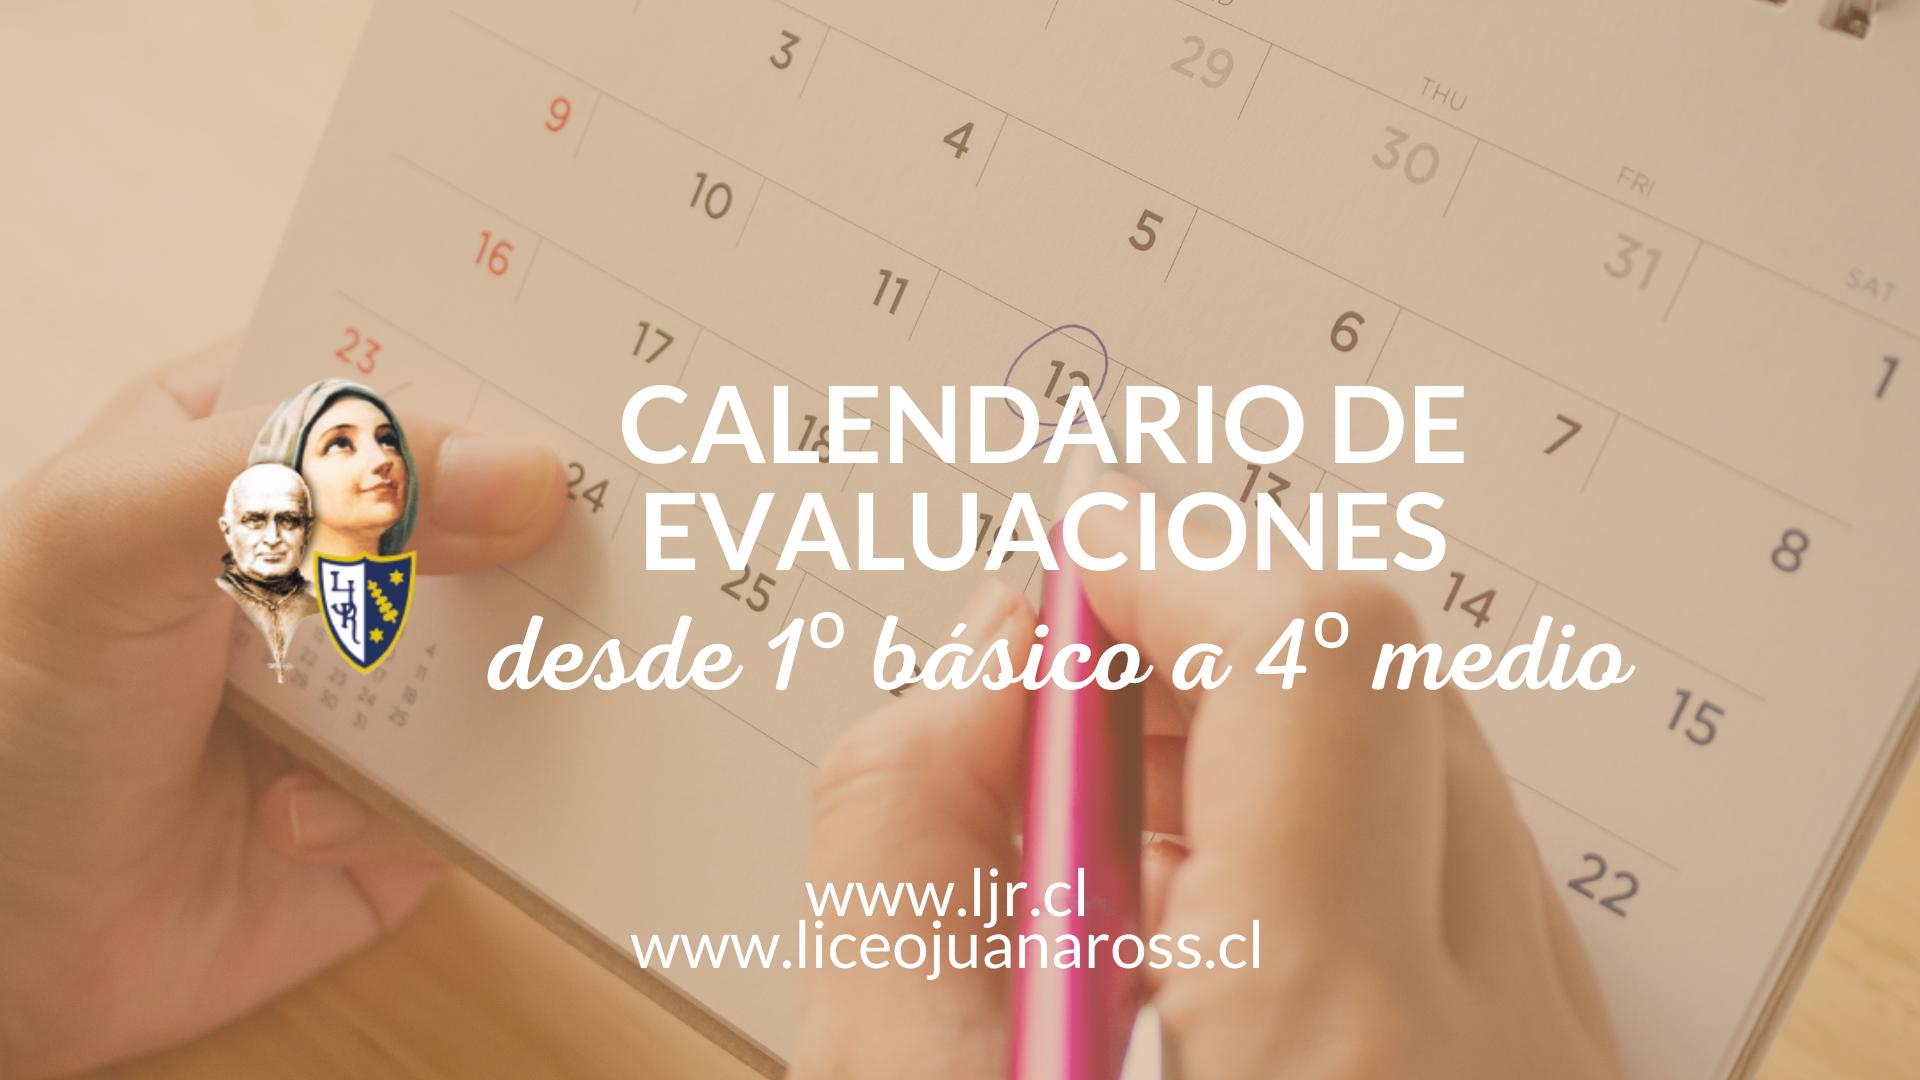 Calendario de Evaluación – LJR